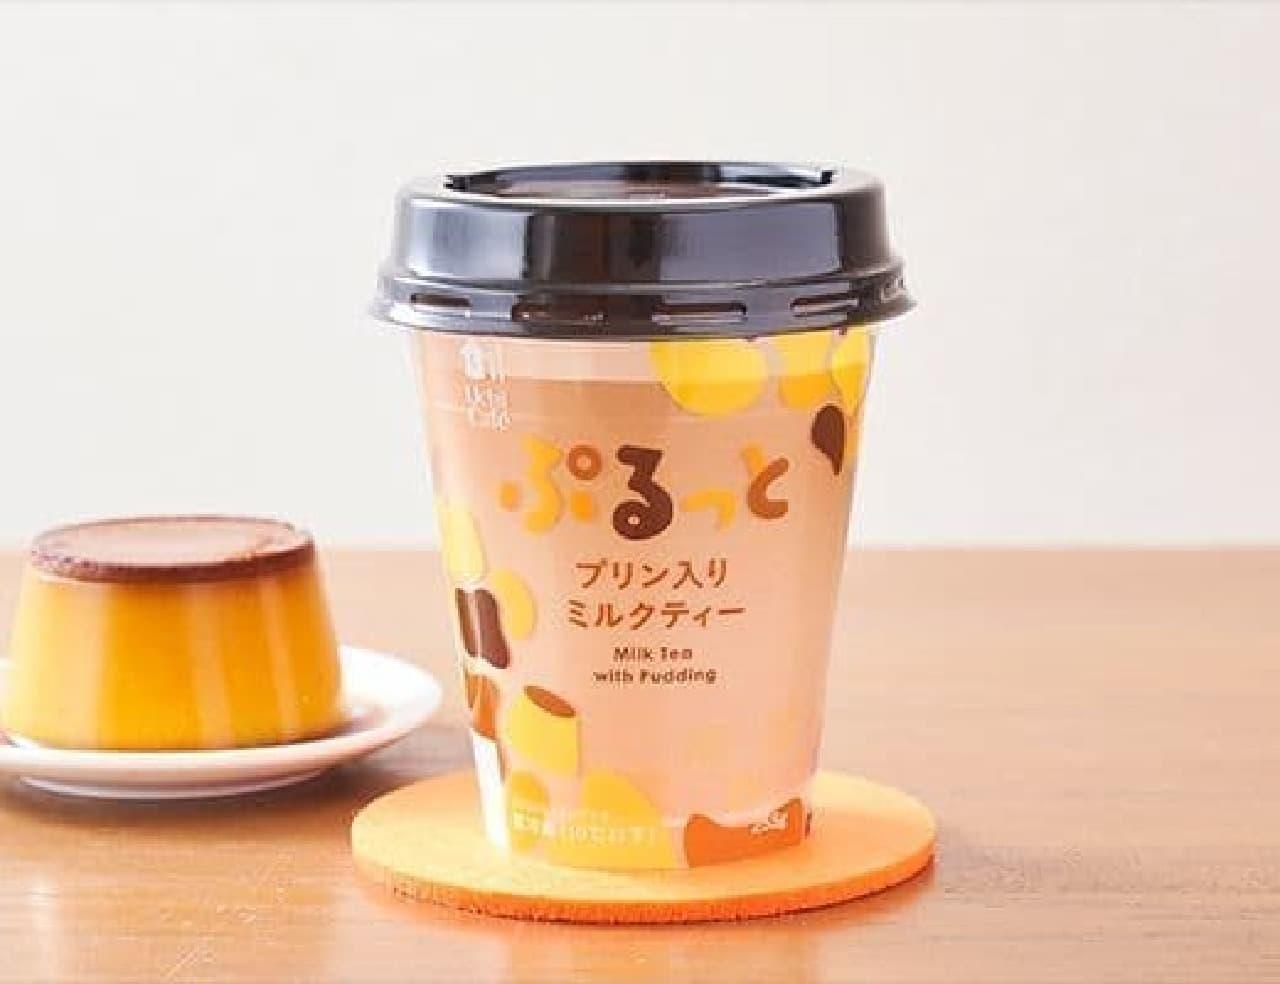 ローソン「ウチカフェ ぷるっとプリン入りミルクティー 255g」